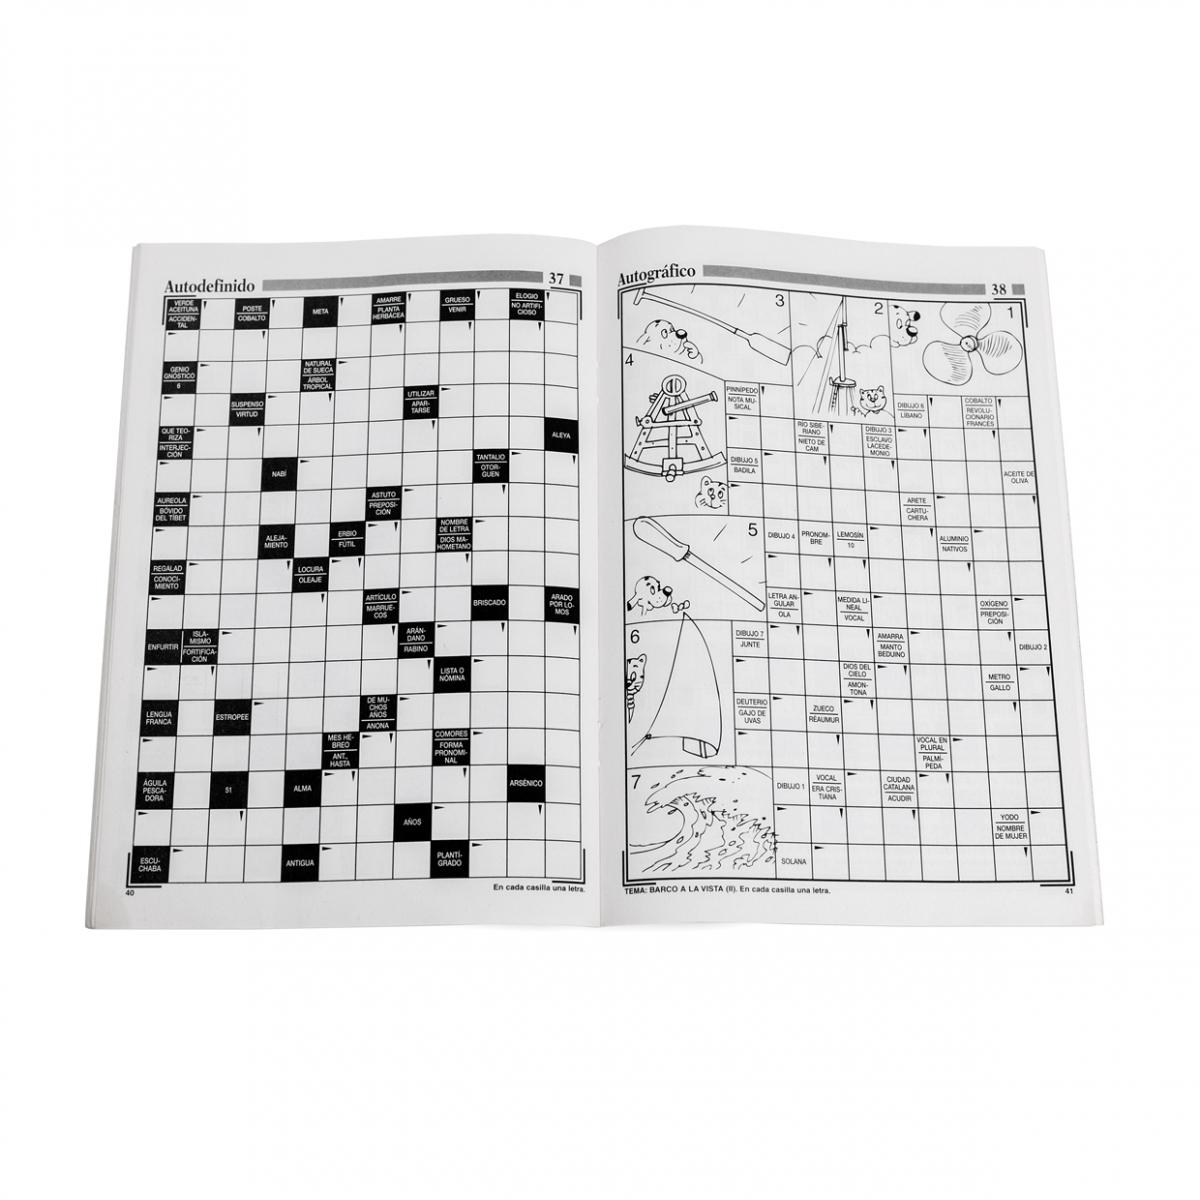 Imagen en la que se ve una revista de crucigramas